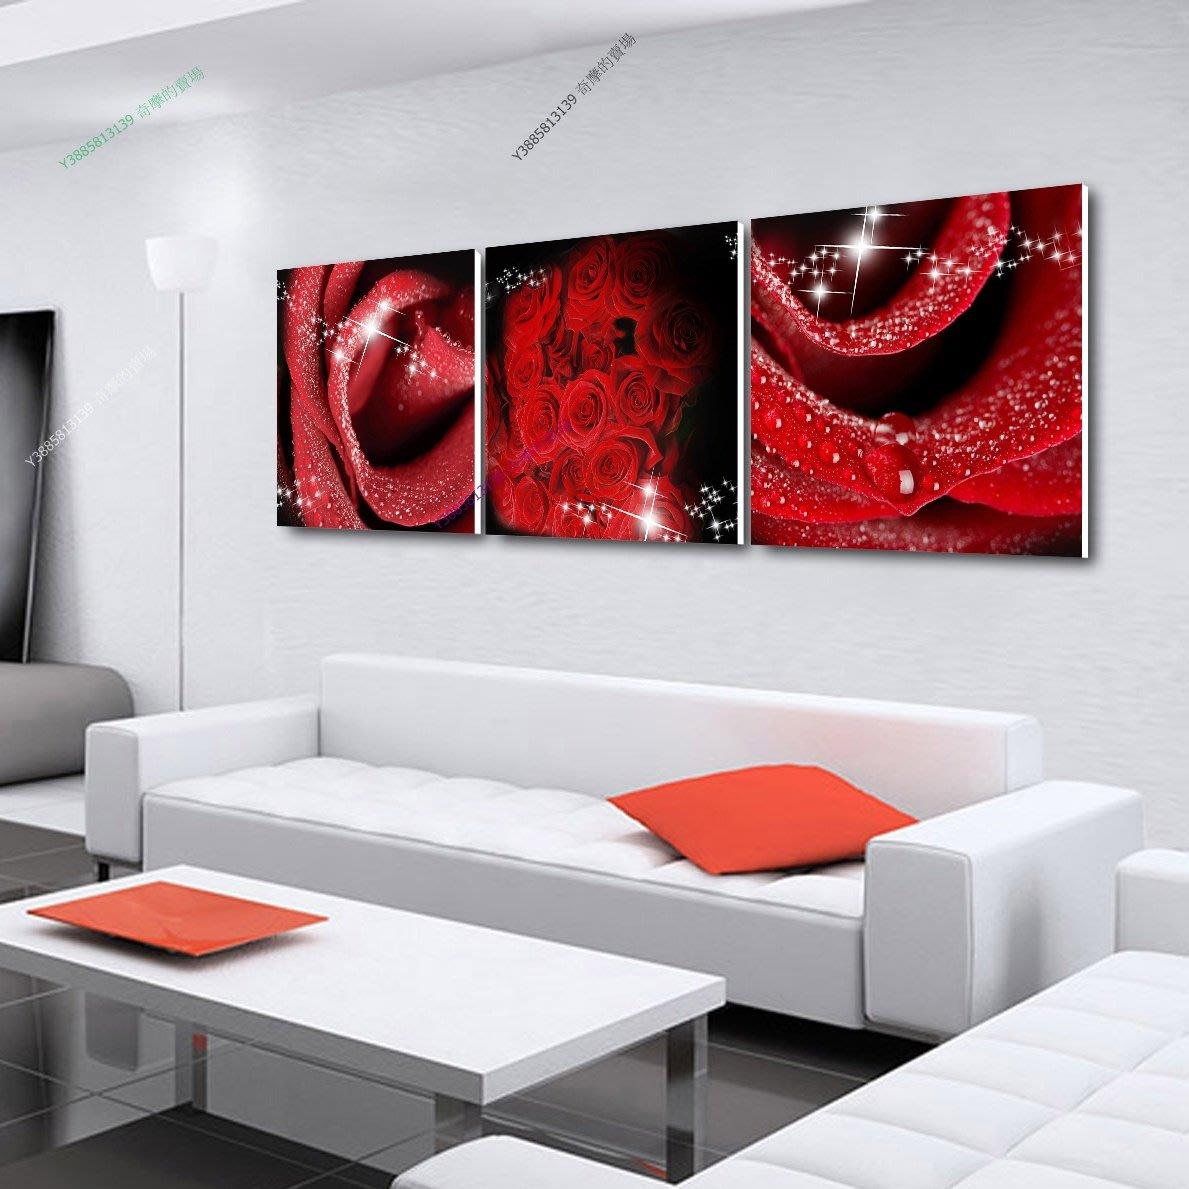 【30*30cm】【厚1.2cm】紅玫瑰-無框畫裝飾畫版畫客廳簡約家居餐廳臥室牆壁【280101_310】(1套價格)